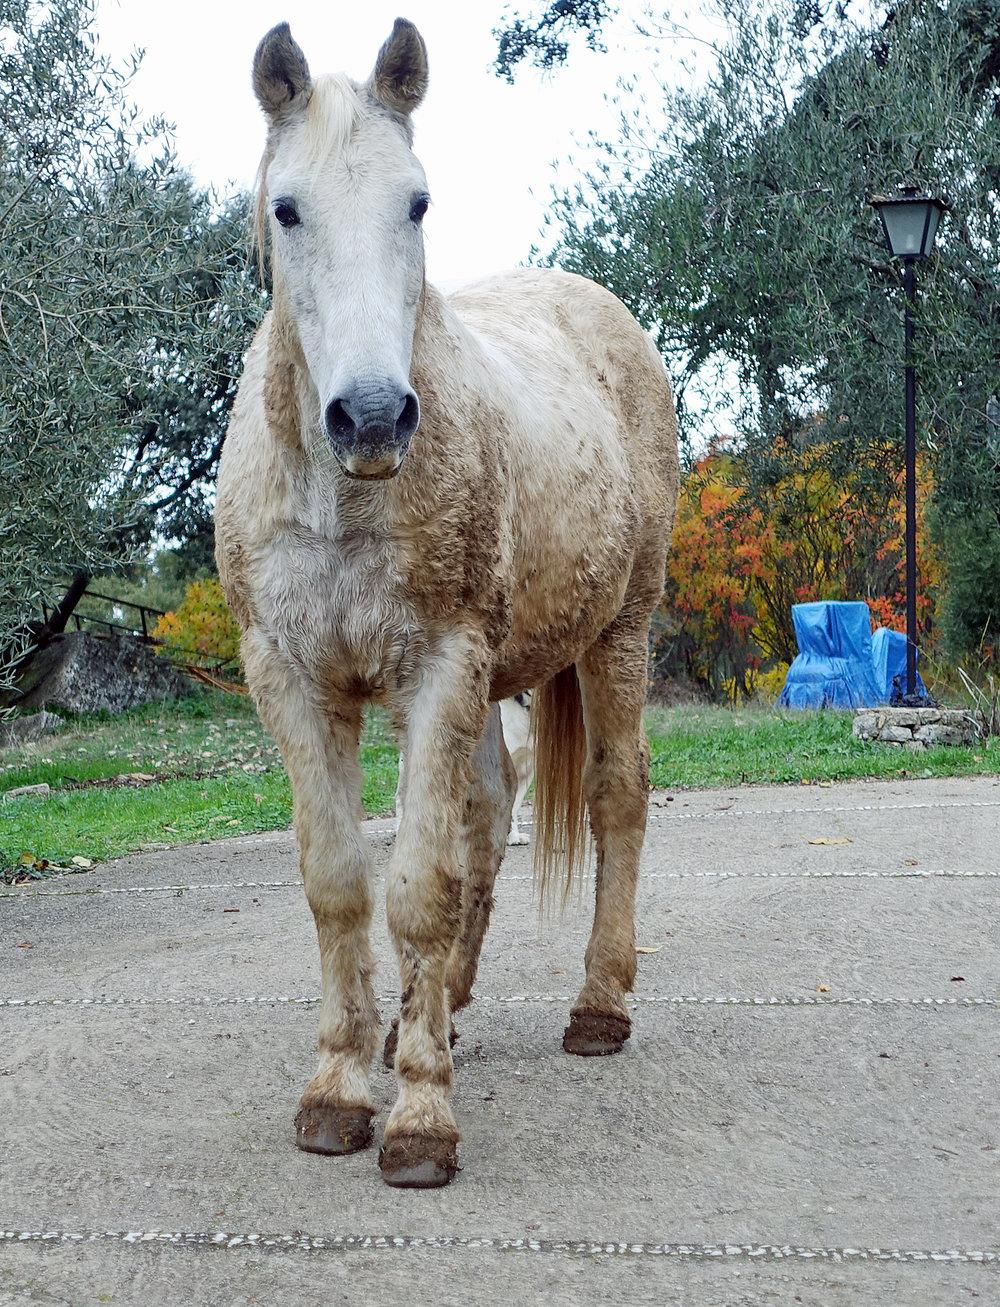 Horse_at_luxury_villa_rental_in_Ronda,_Spain:_La_Cazalla_de_Ronda